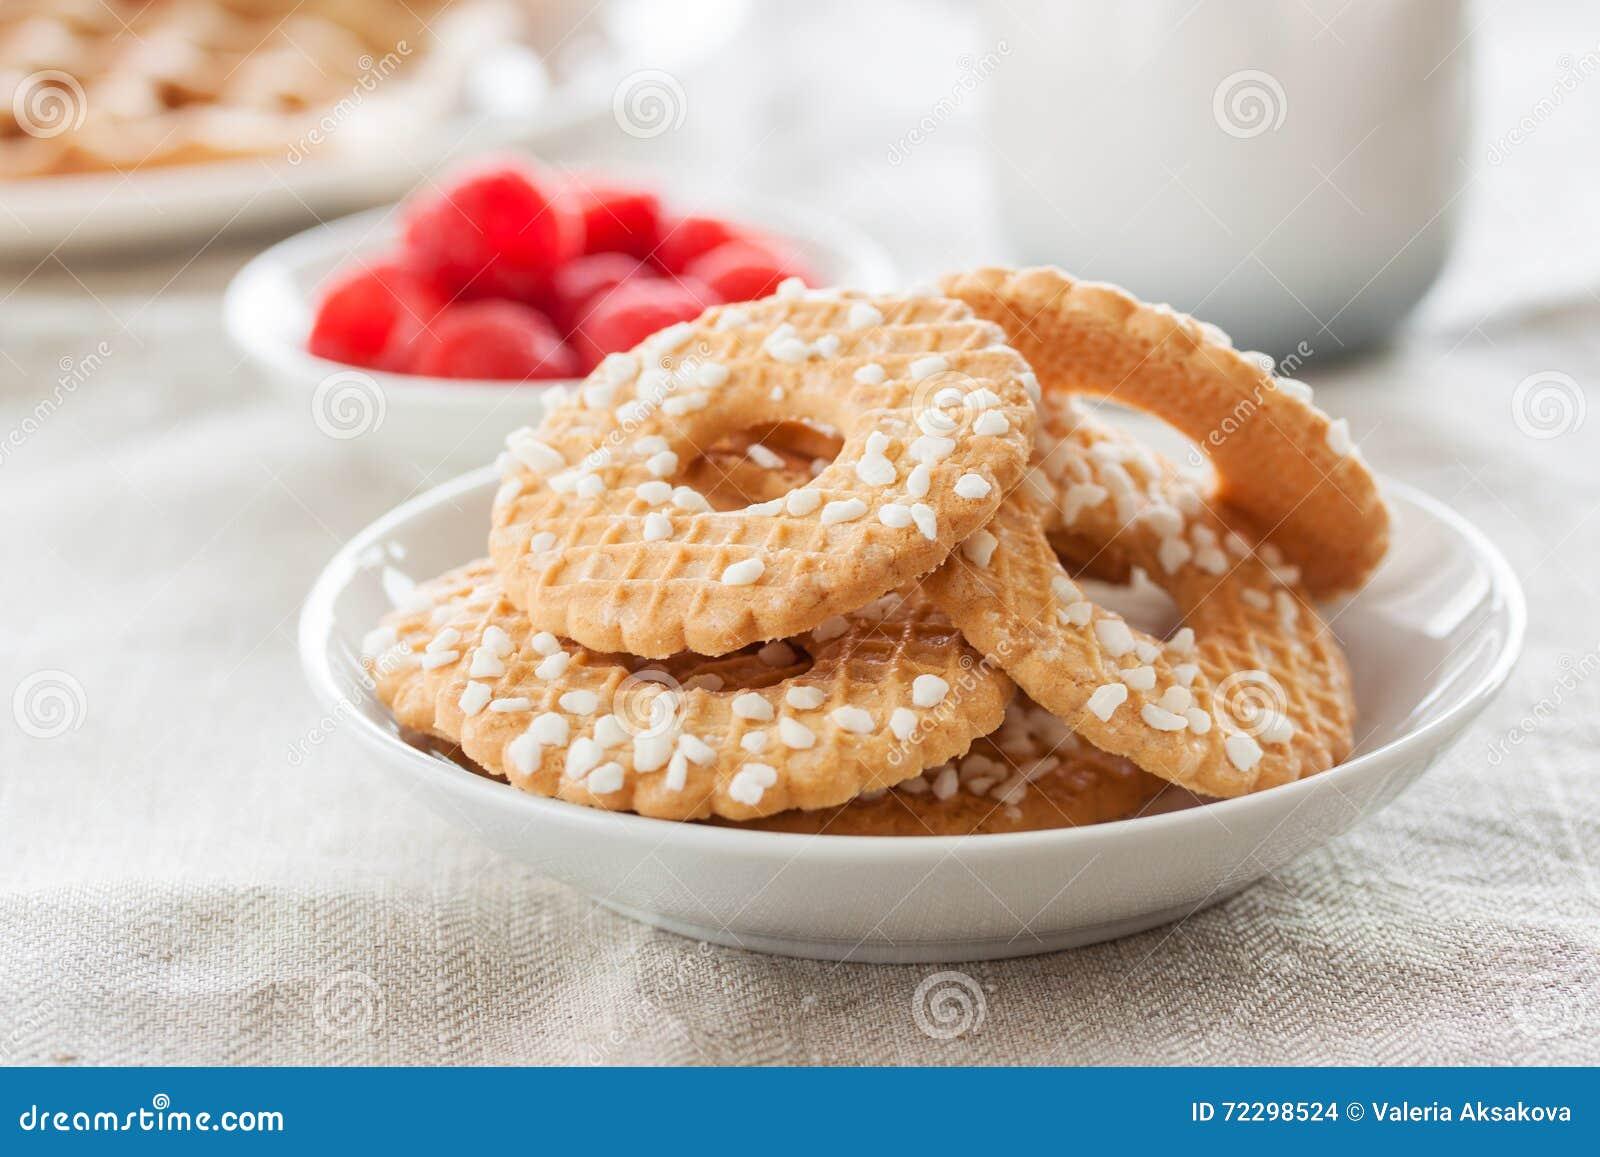 Download Печенья с сахаром падают на белую плиту с полениками на предпосылке на Linen ткани Стоковое Фото - изображение насчитывающей еда, старье: 72298524